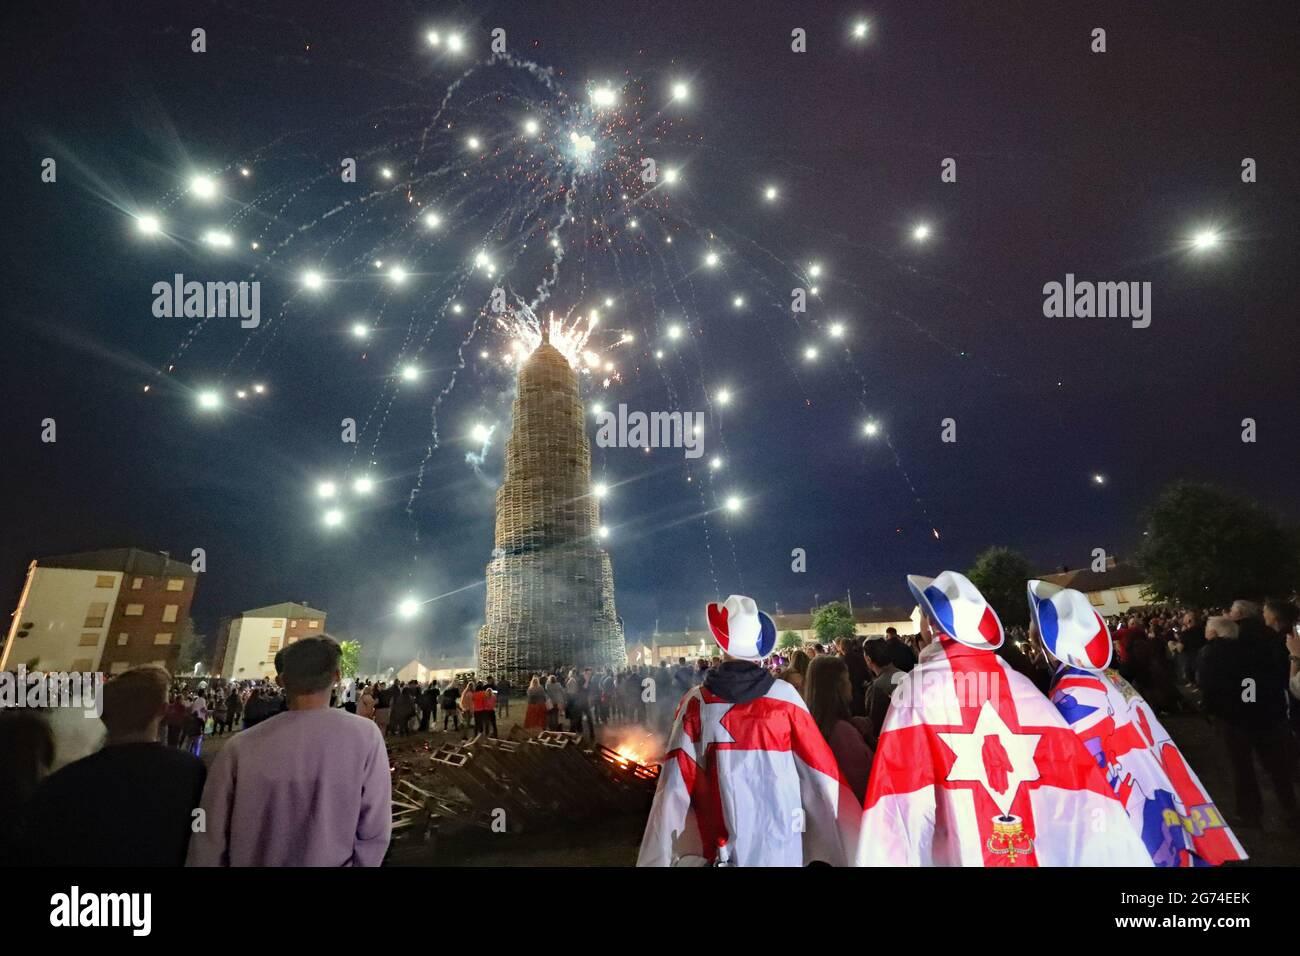 """La folla guarda uno spettacolo di fuochi d'artificio prima che l'enorme falò nella zona lealista di Corcrain di Portadown, Co Armagh, si illumini l'""""undicesima notte"""" per inaugurare le dodici commemorazioni. Data immagine: Sabato 10 luglio 2021. Foto Stock"""